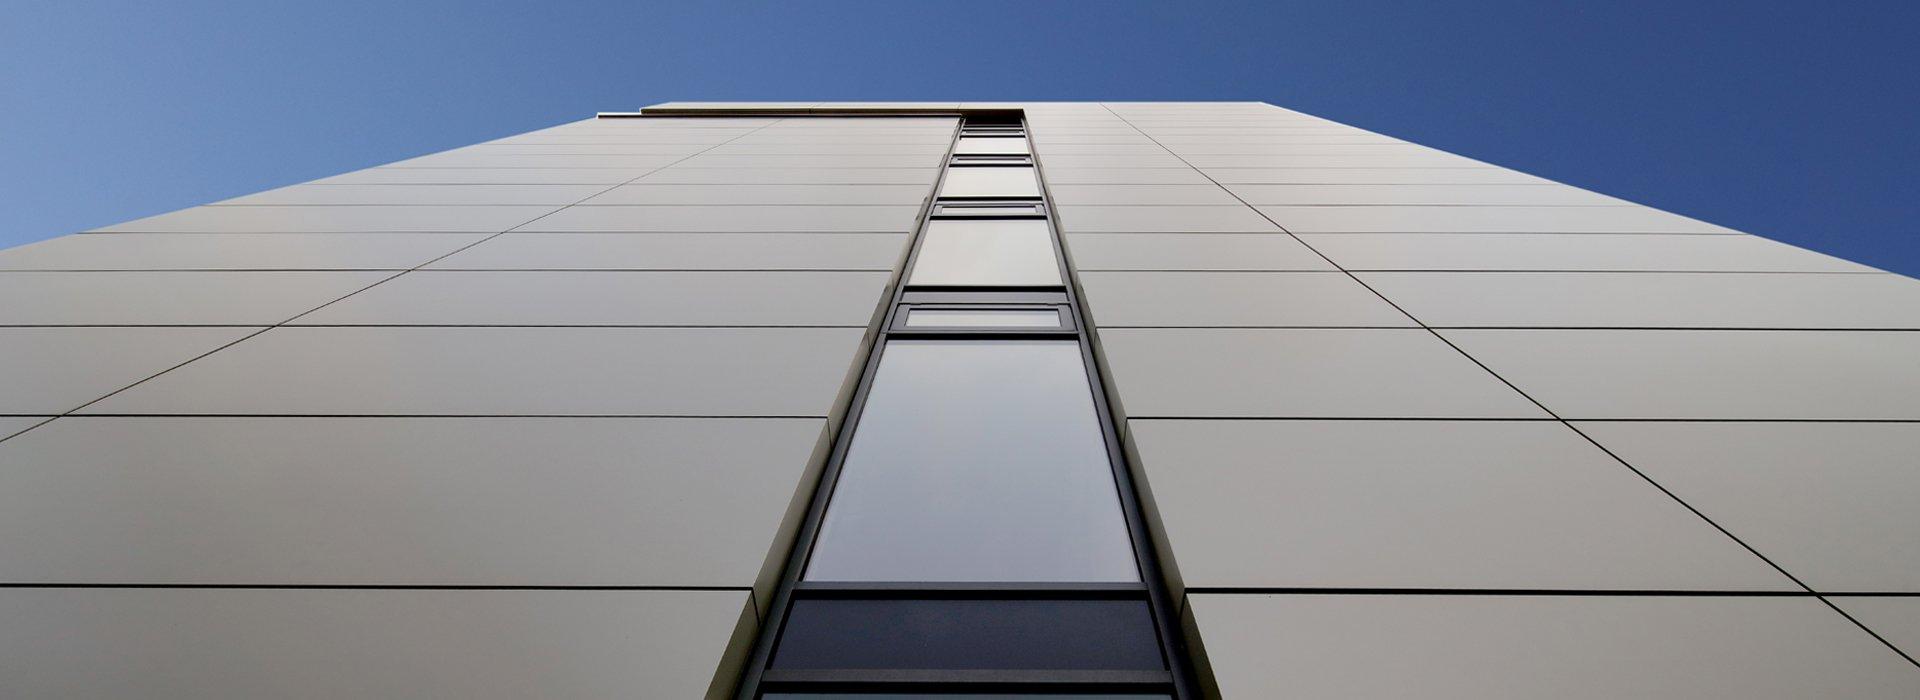 rainscreen cladding aluminium fascia facade